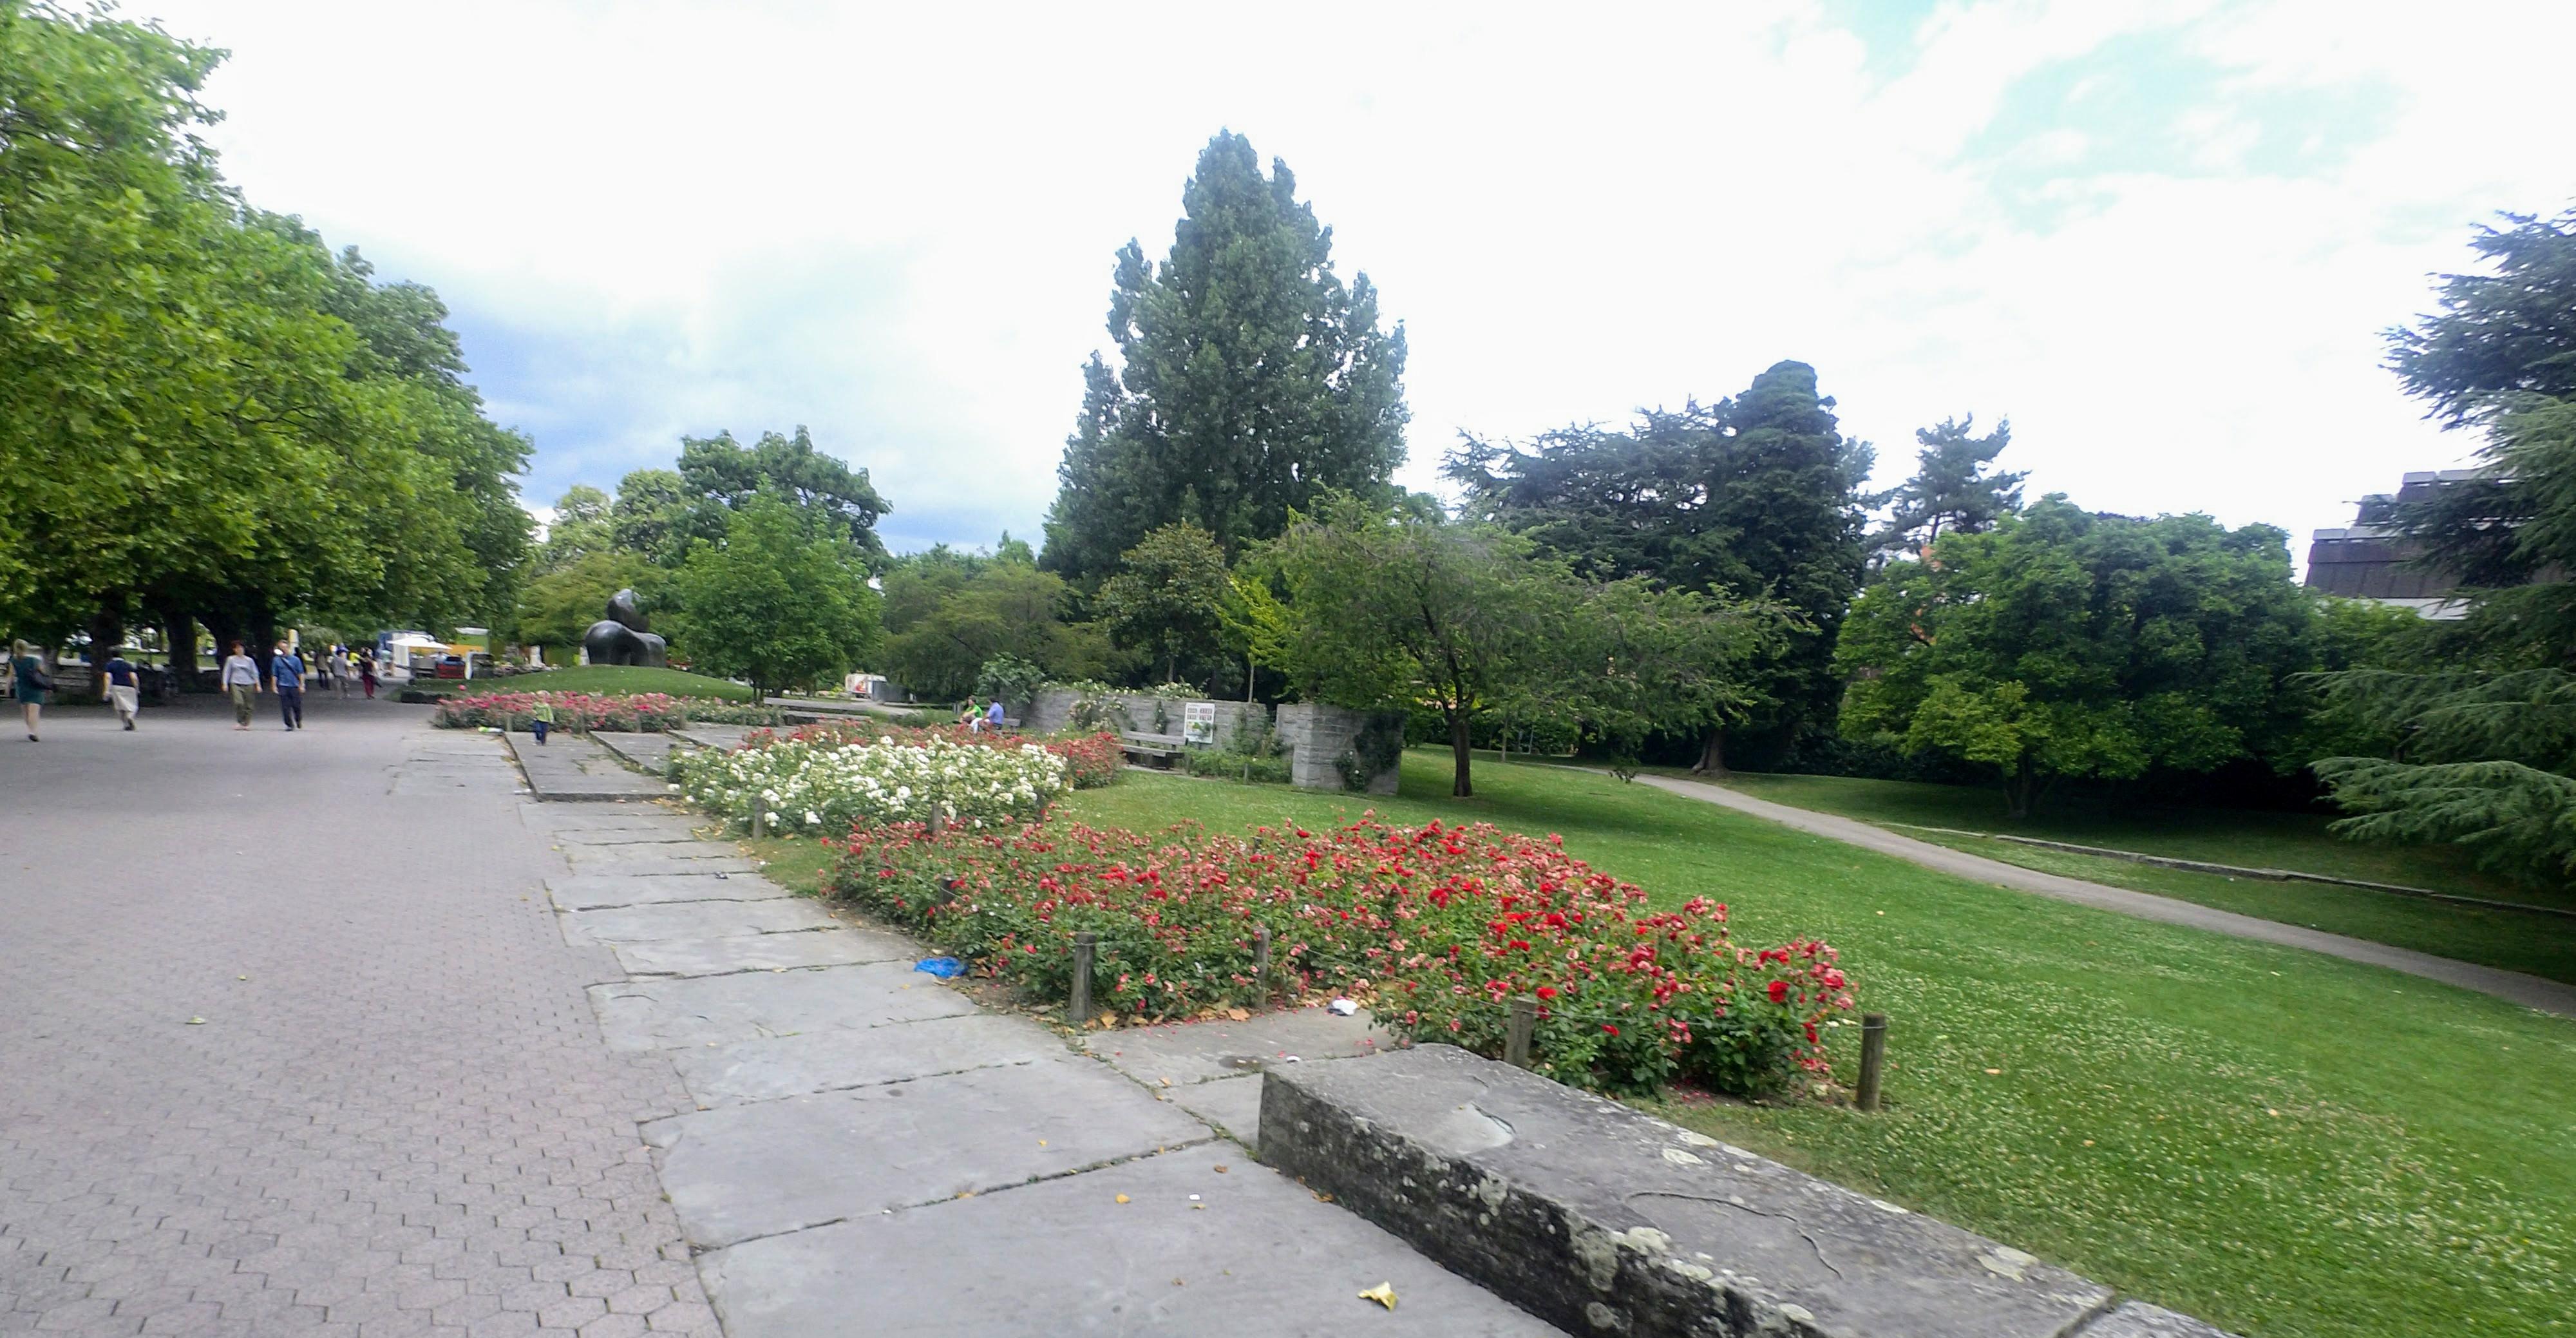 Running route in Zurich - Chinese Garden